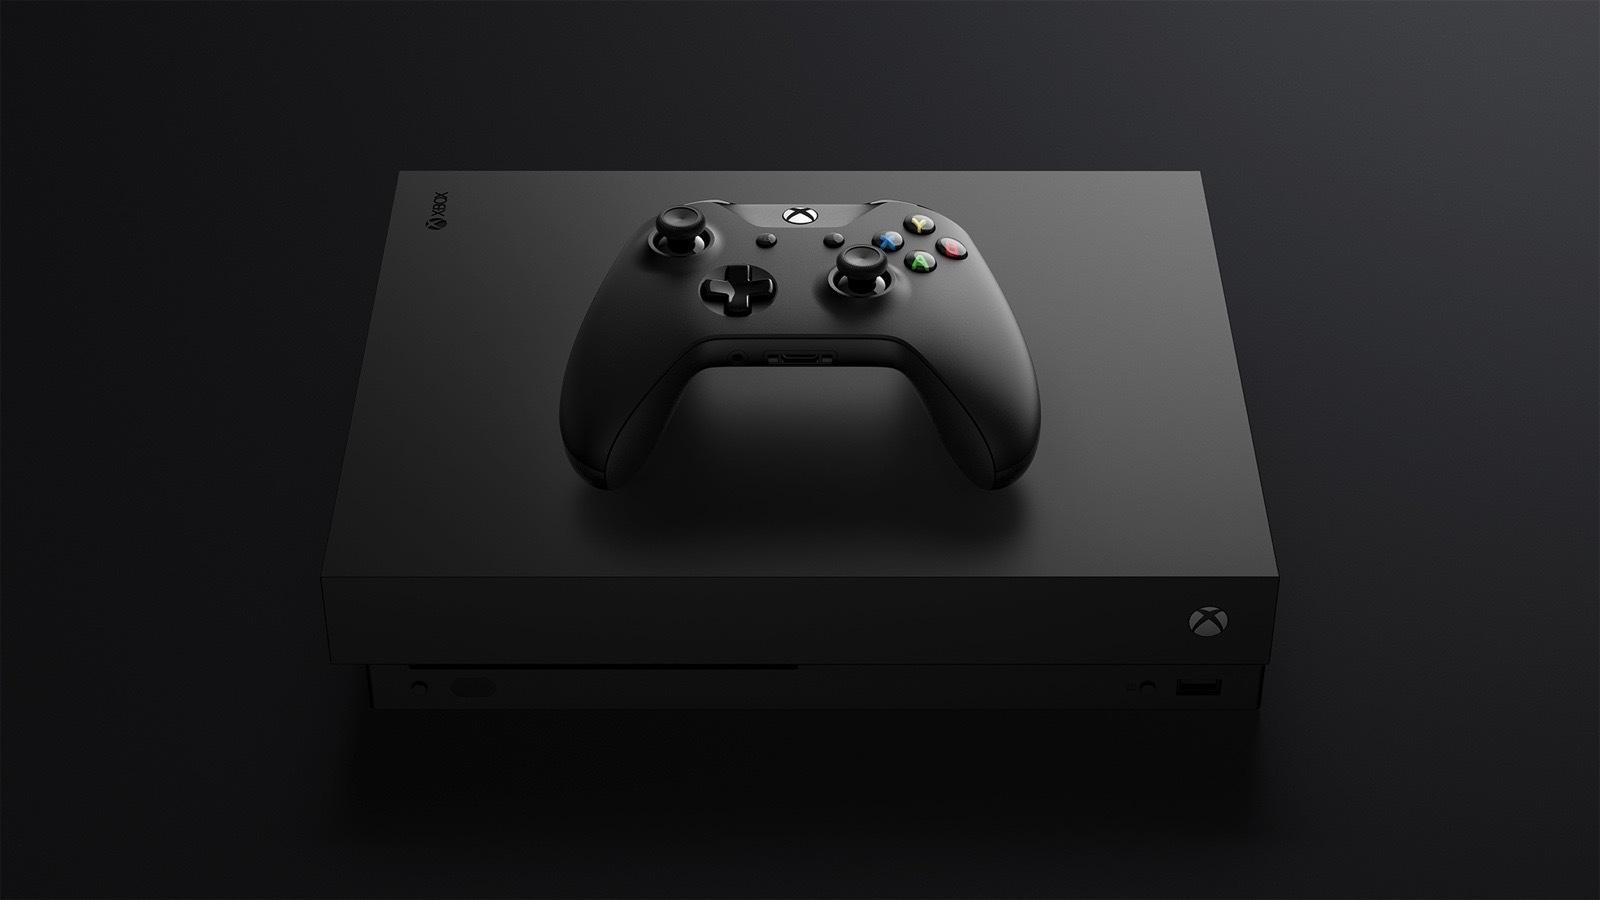 Nova geração de consoles pode demorar mais 2 anos segundo a Ubisoft